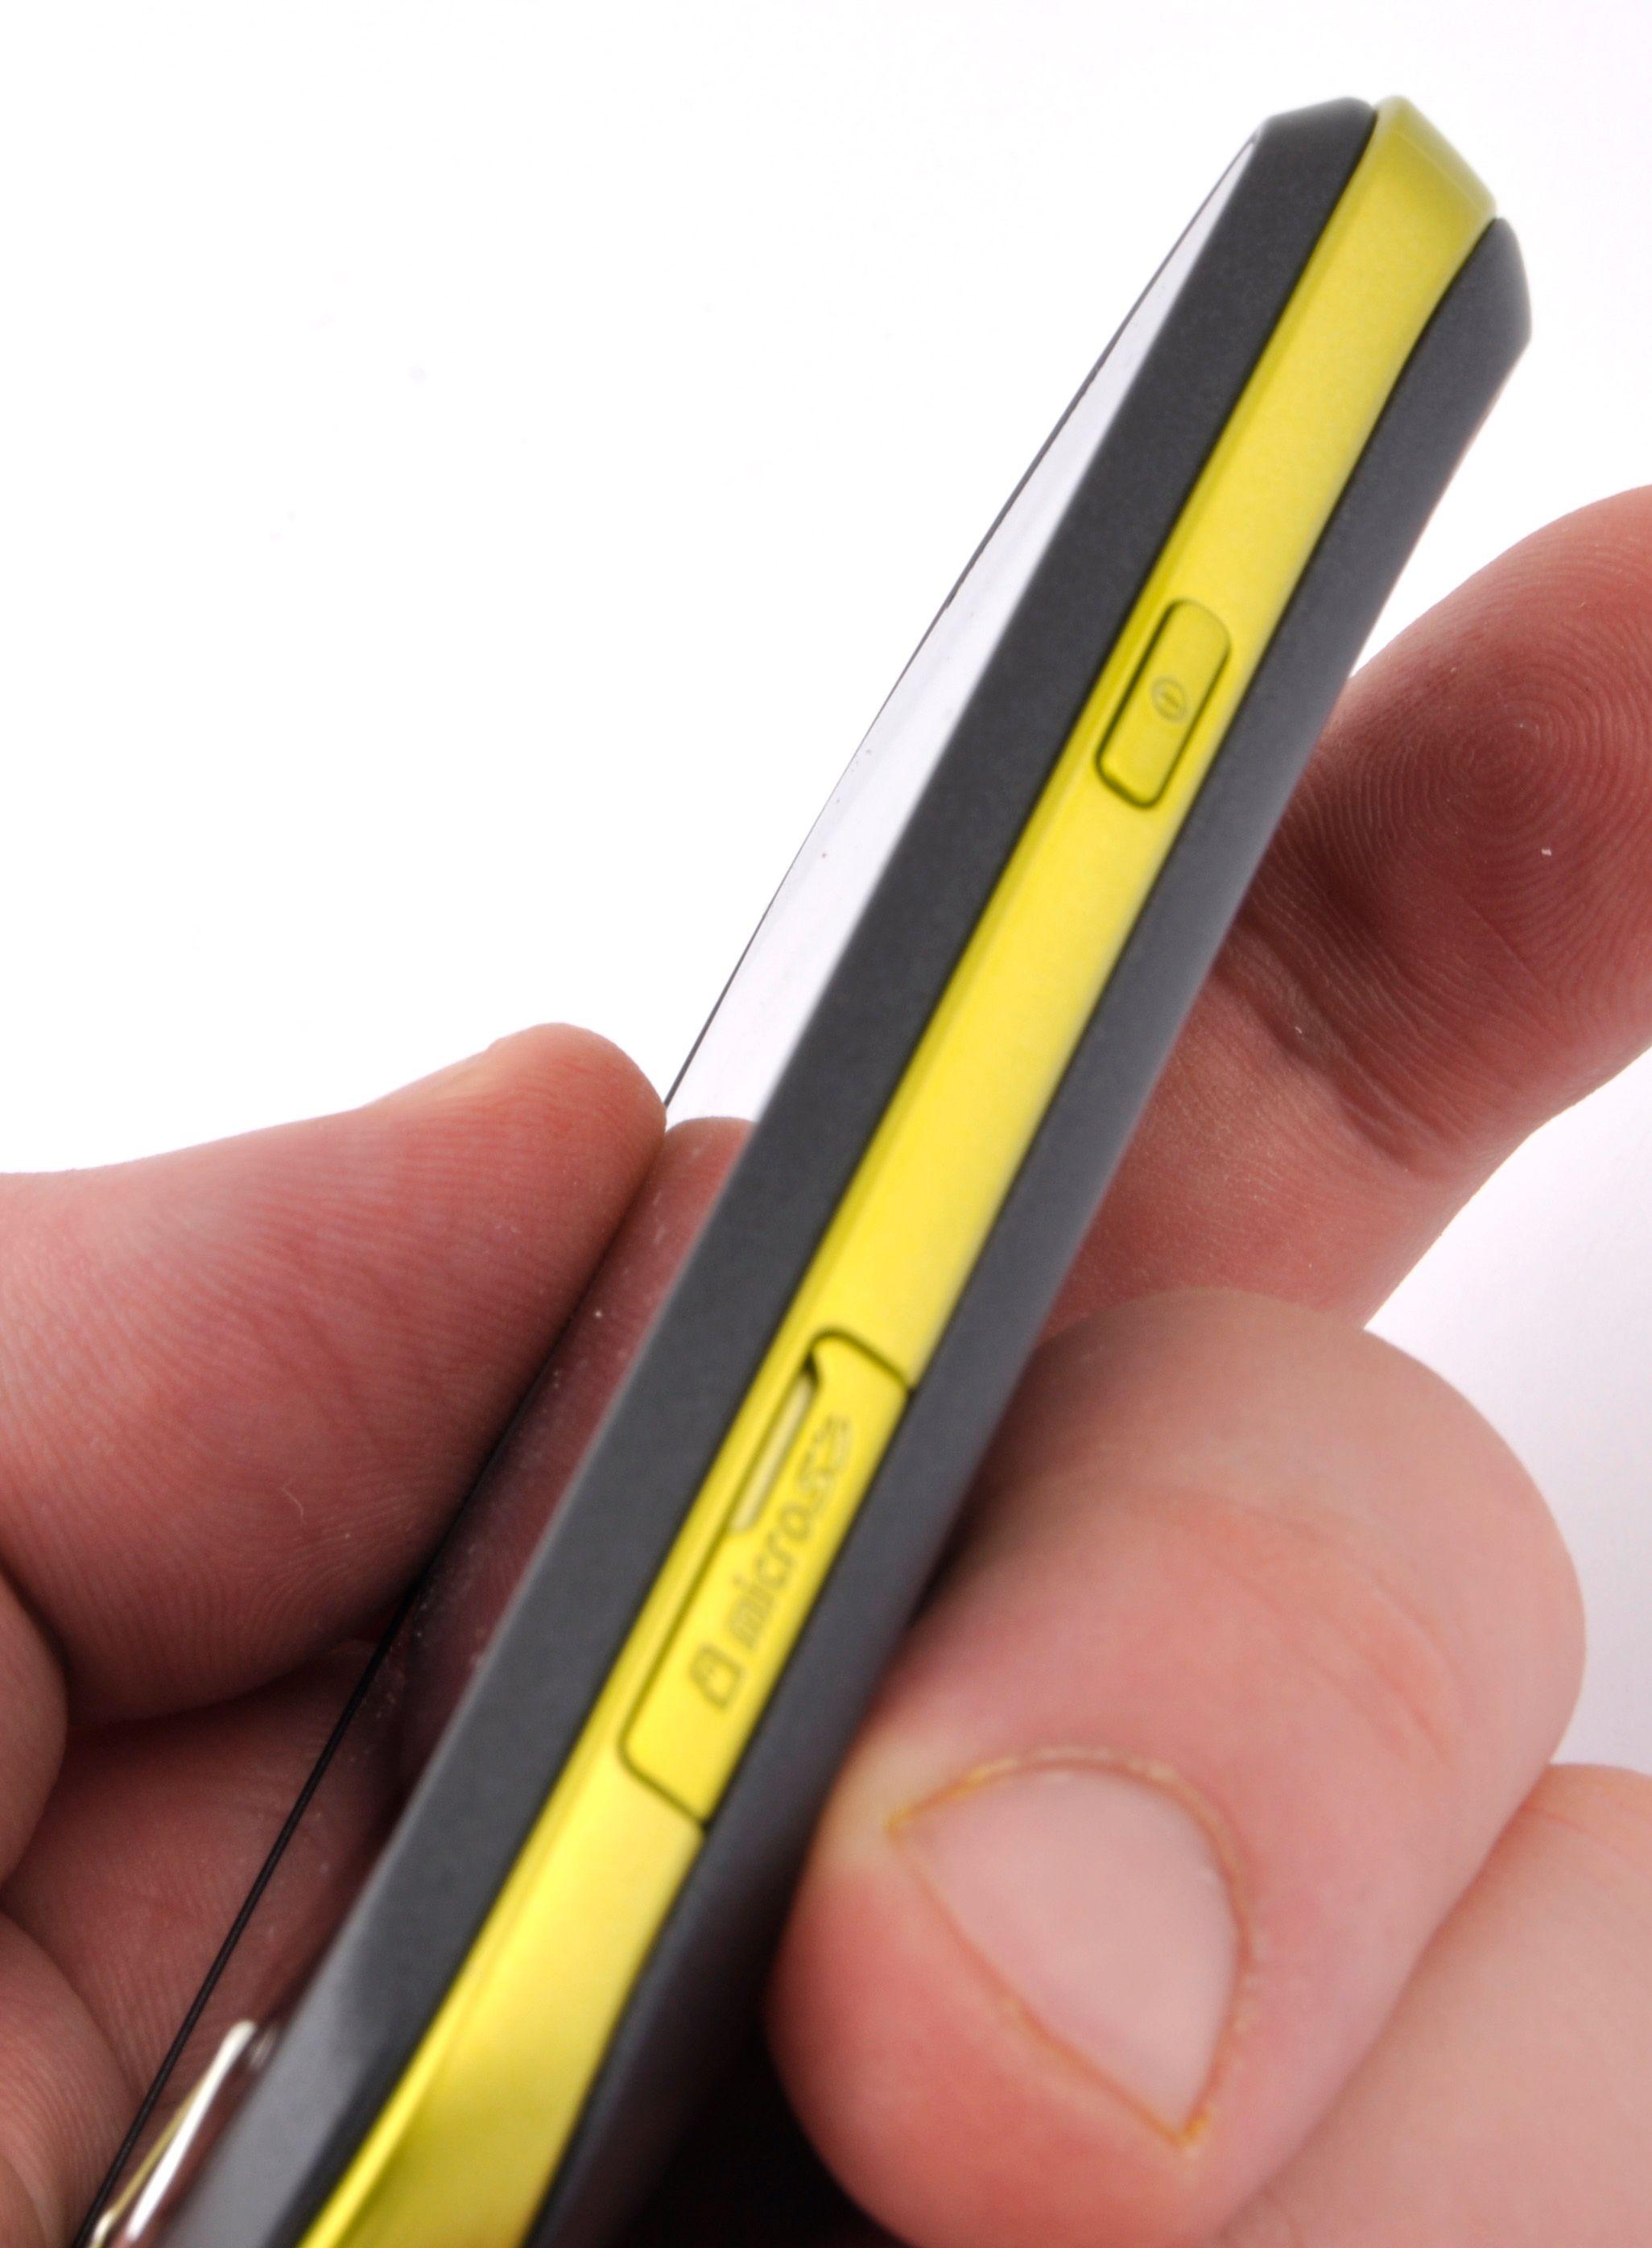 Designen med en farget stripe langs kanten gjør at Galaxy Mini ser tynnere ut enn den føles i hånden.